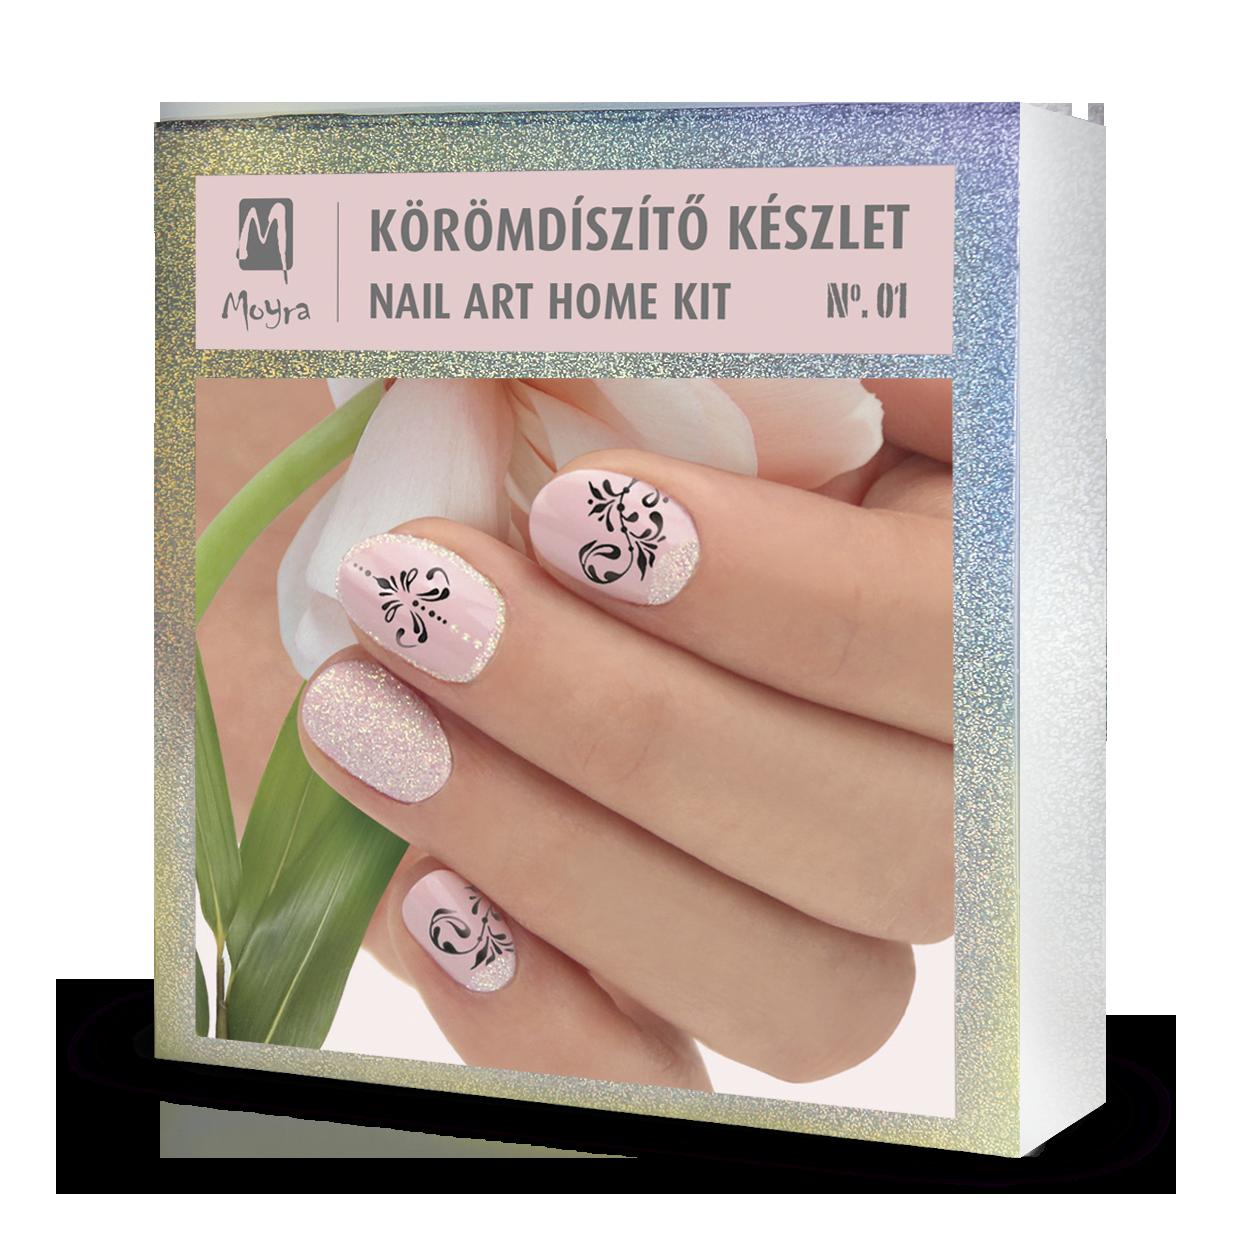 Nail art home kit No. 01